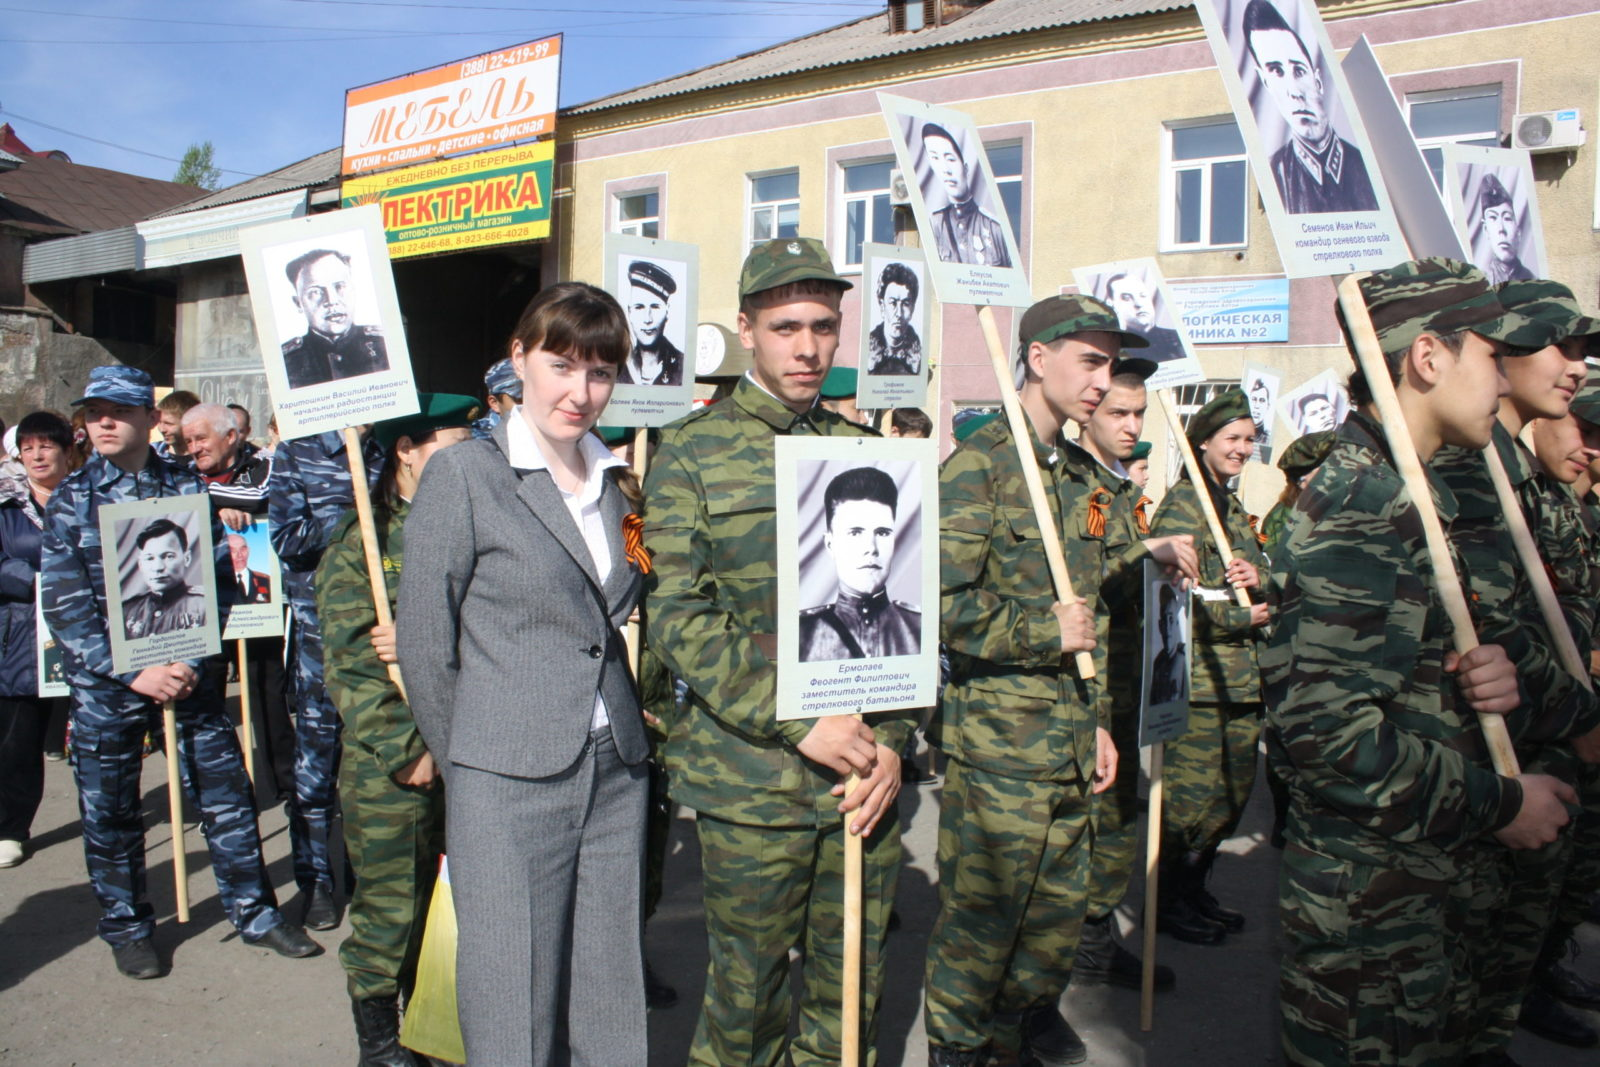 Словно знамя держат внуки фото воинов страны.